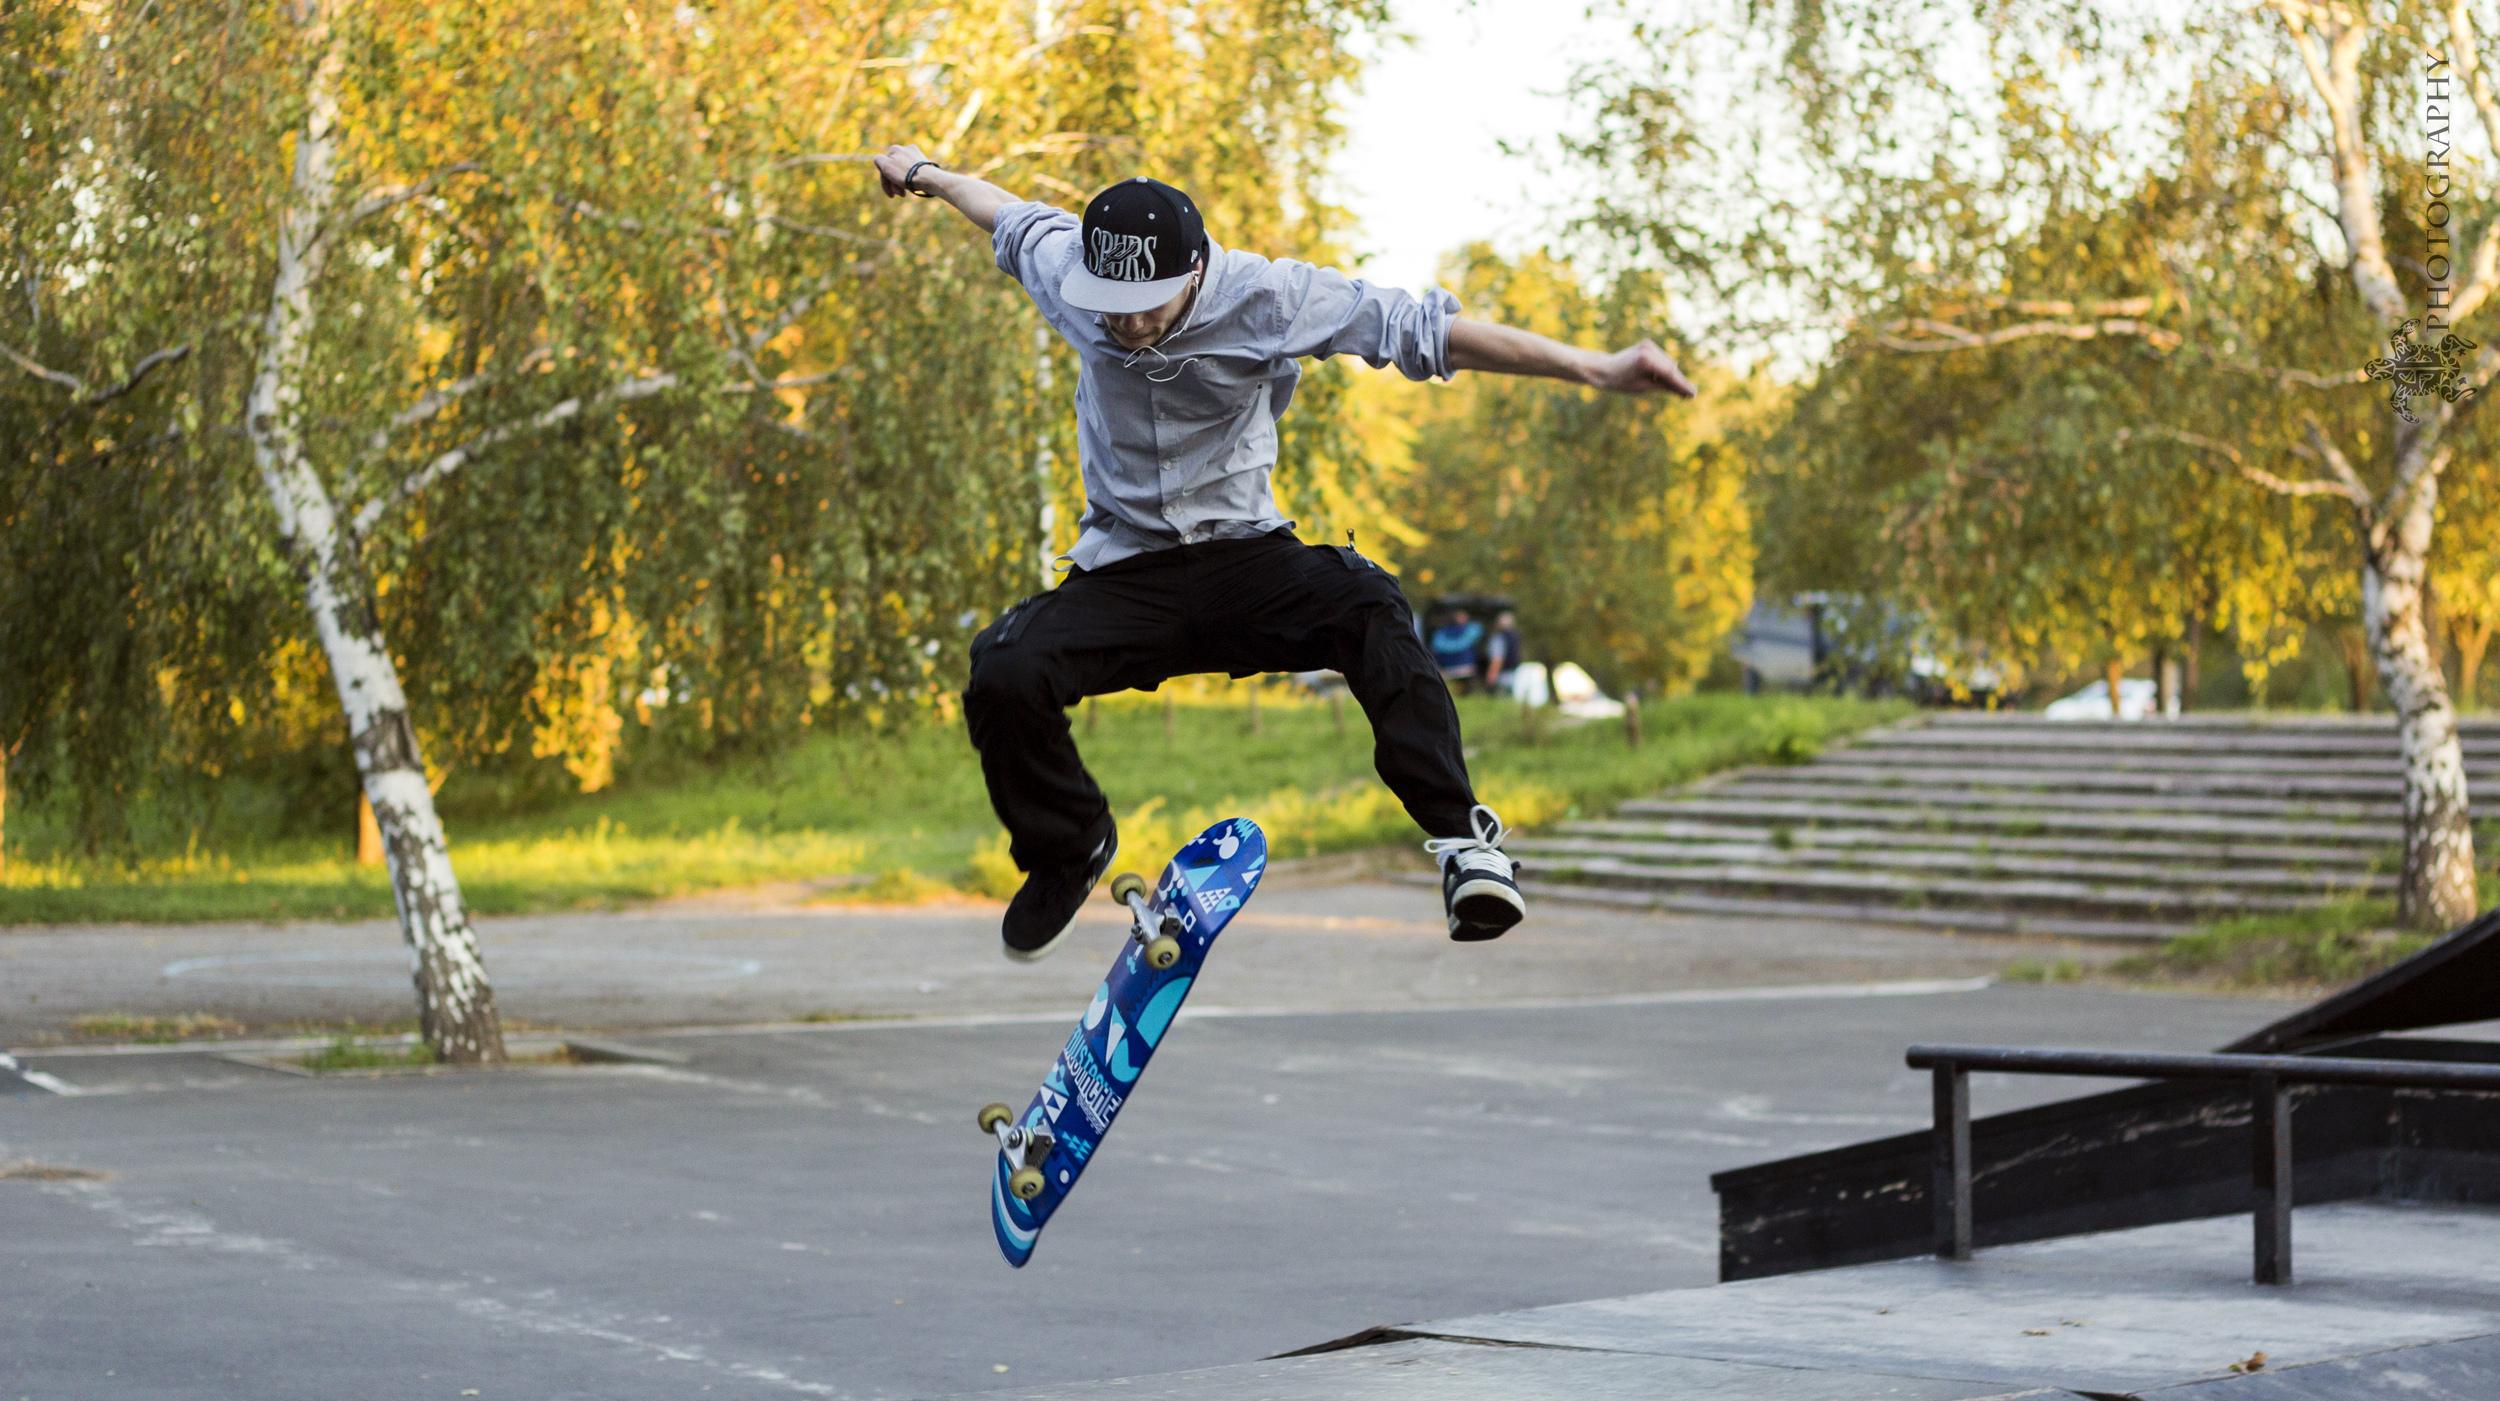 Trick, Skate, Parque, Urbano, skatepark, kickflip, truco